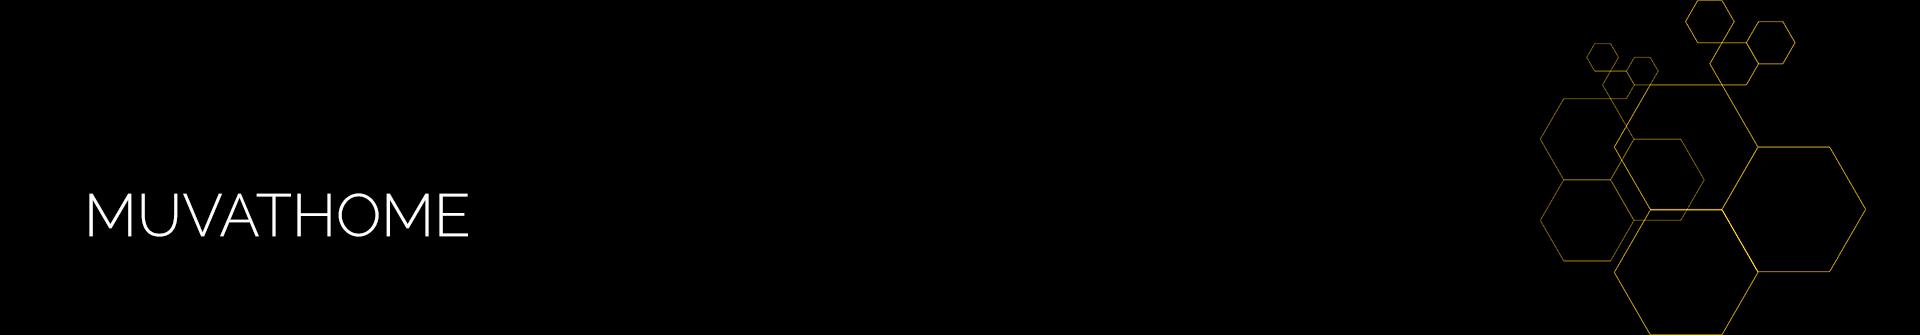 Muvathome